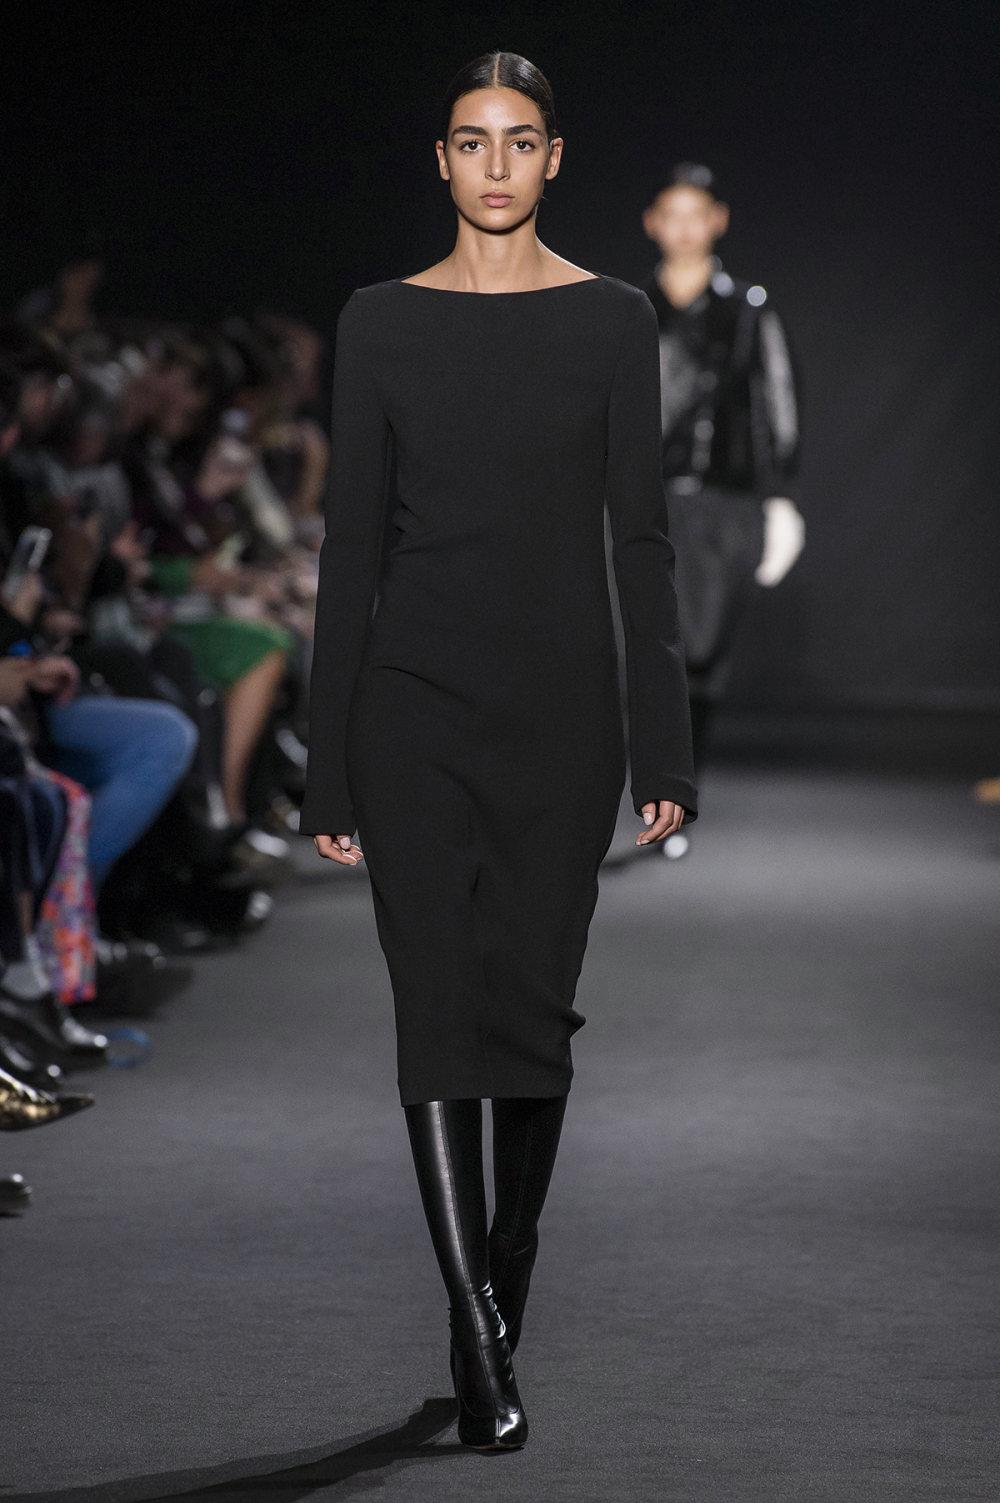 Rochas时装系列黑色无领斜纹软呢褶皱的黑色裙身饰有超细短袖衬衫-12.jpg